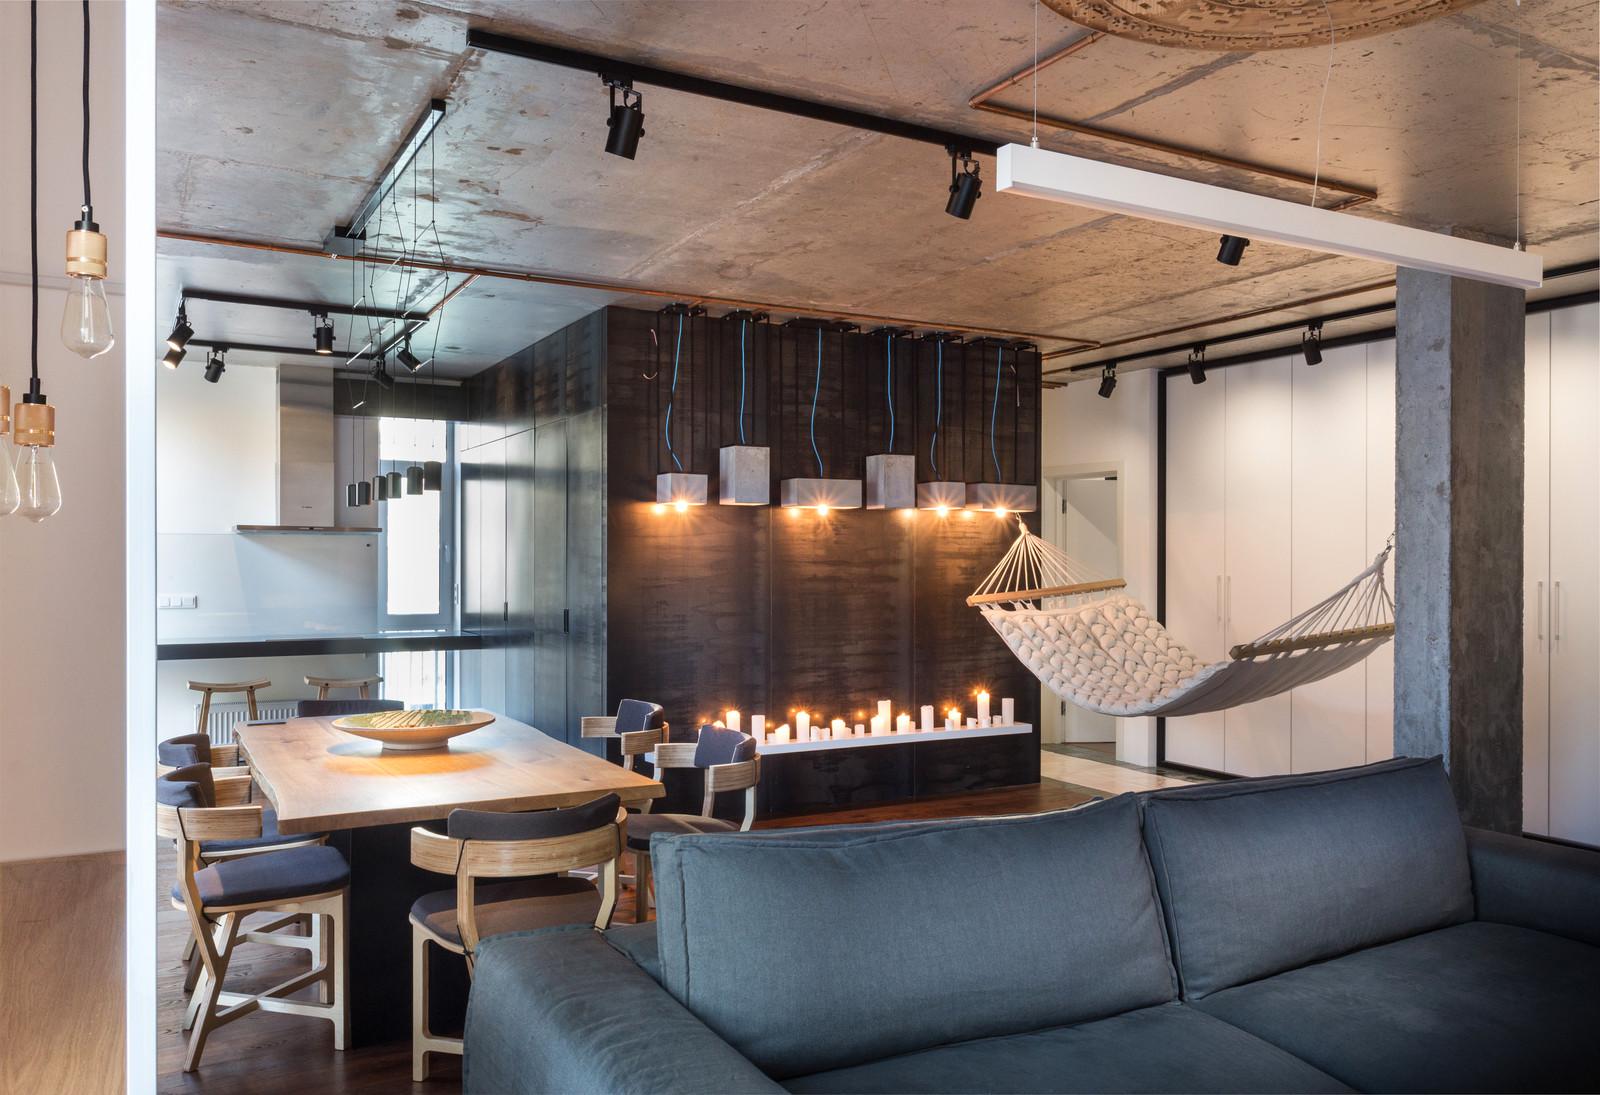 Apartment-design-just3ds.com-5